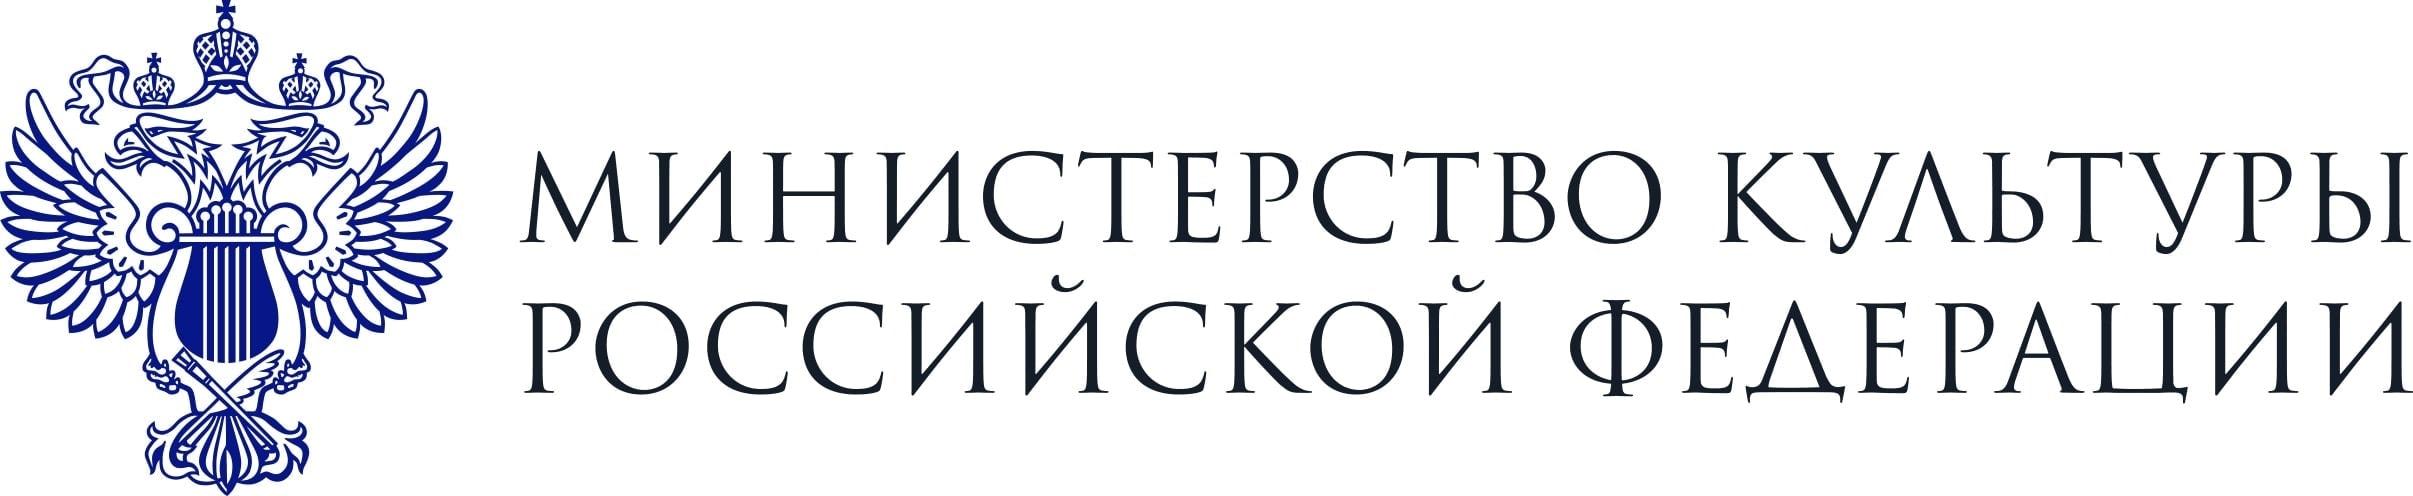 Гранты Министерства культуры